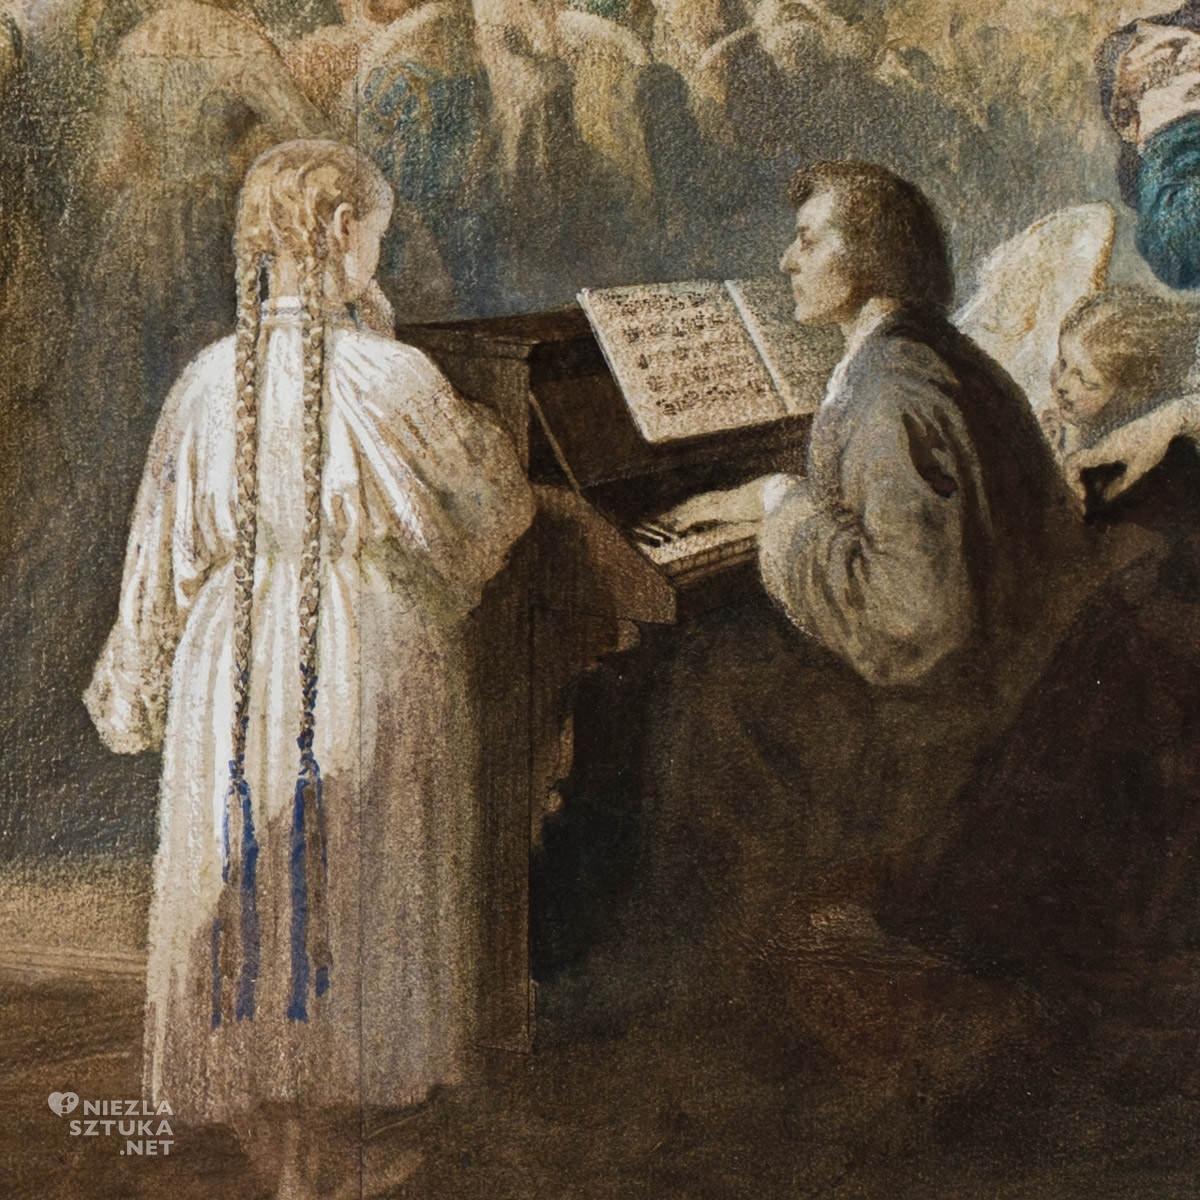 Teofil Kwiatkowski, Bal w Hôtel Lambert w Paryżu, Polonez Chopina, sztuka polska, malarstwo polskie, Niezła Sztuka